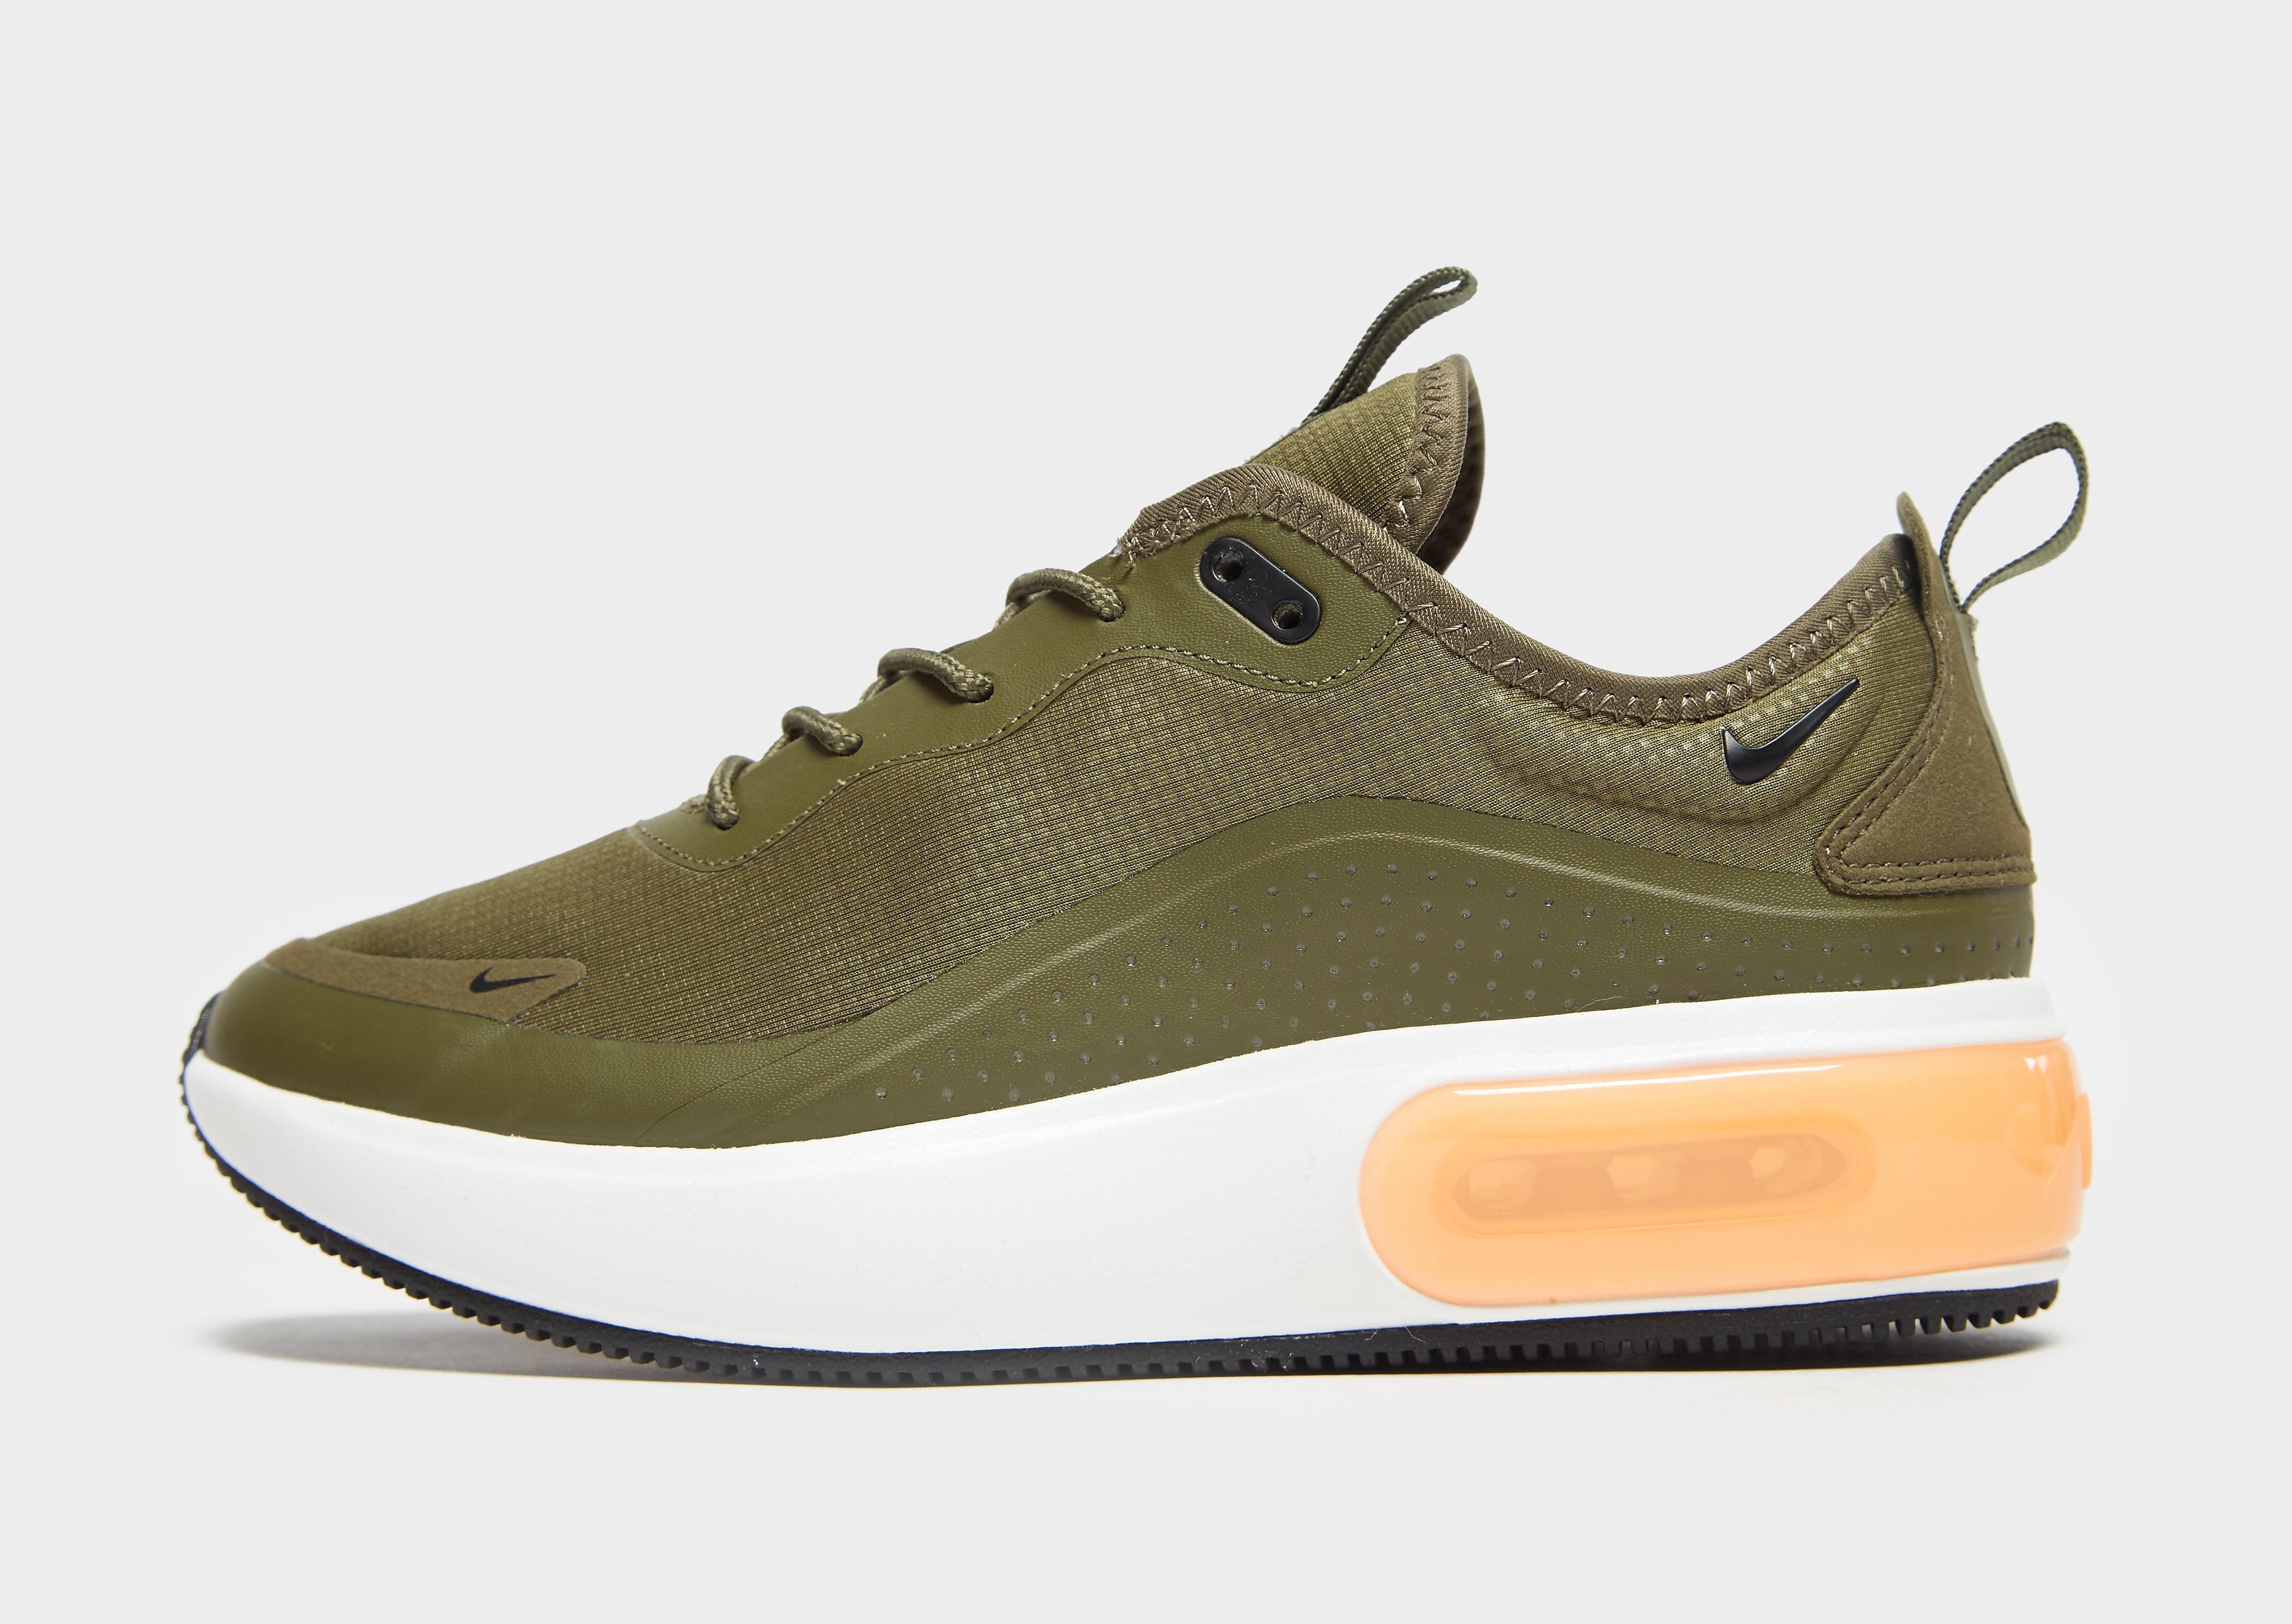 Nike Air Max Dia damessneaker groen en oranje